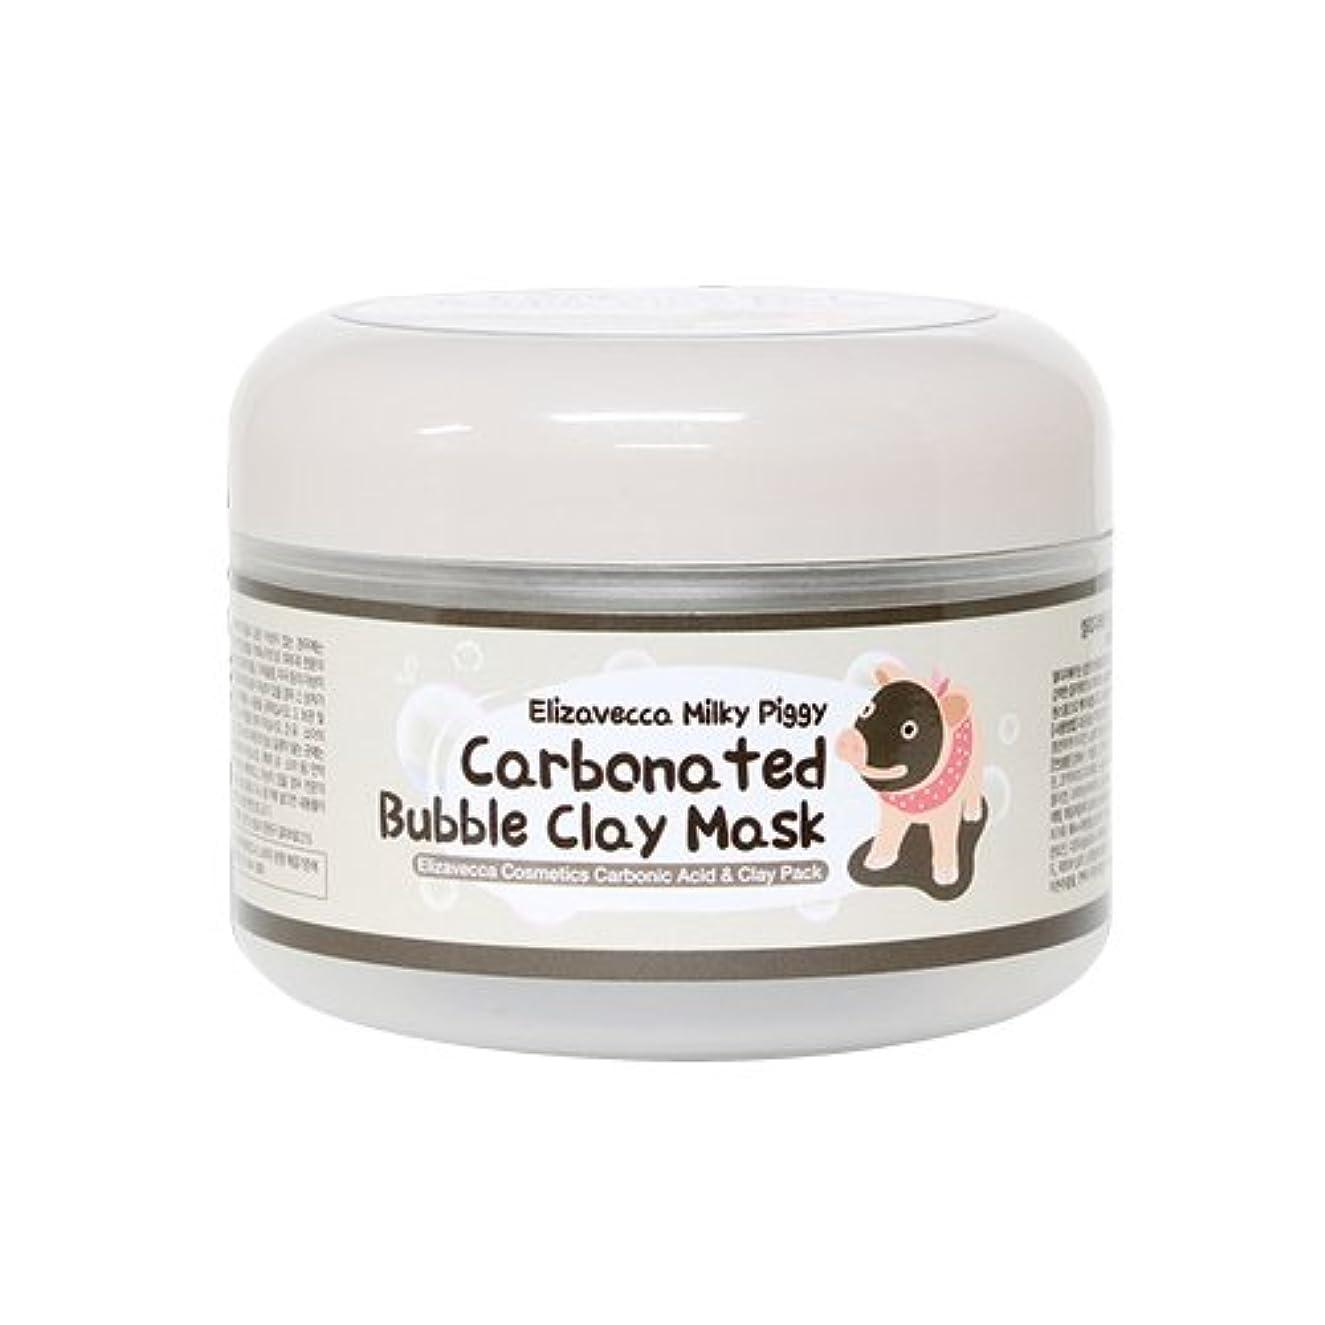 コットンシャーページ[Elizaecca/エリザベカ/SESALO]炭酸バブルクレイマスク/Carbanated bubble clay mask[海外直送品]